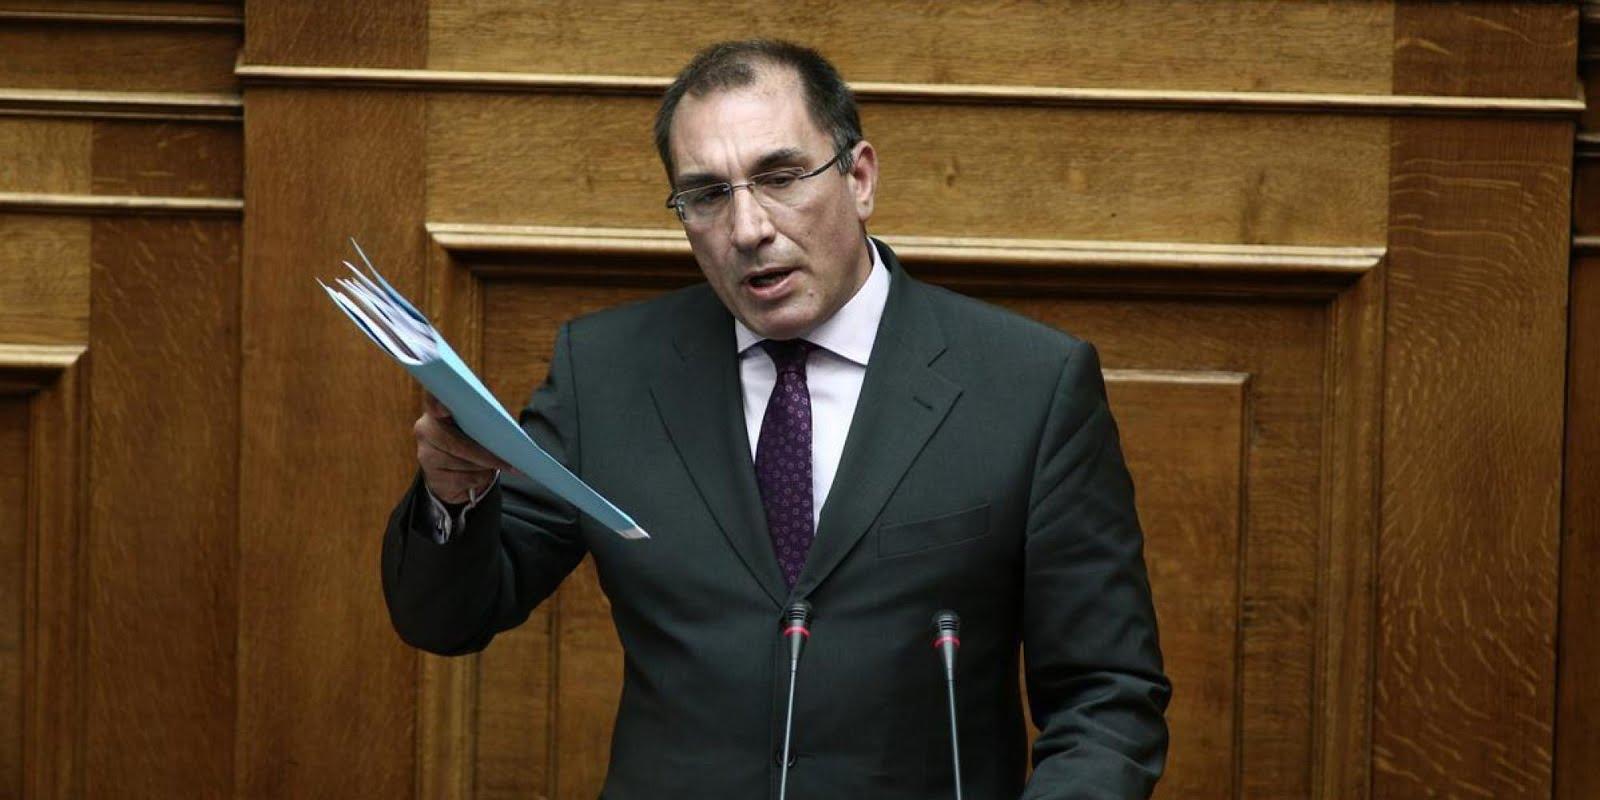 Δ. Καμμένος: Κάντε πρόταση μομφής για να φύγω από αντιπρόεδρος της Βουλής – Να παραιτηθεί η Κοινοβουλευτική ομάδα των ΑΝΕΛ (βίντεο)